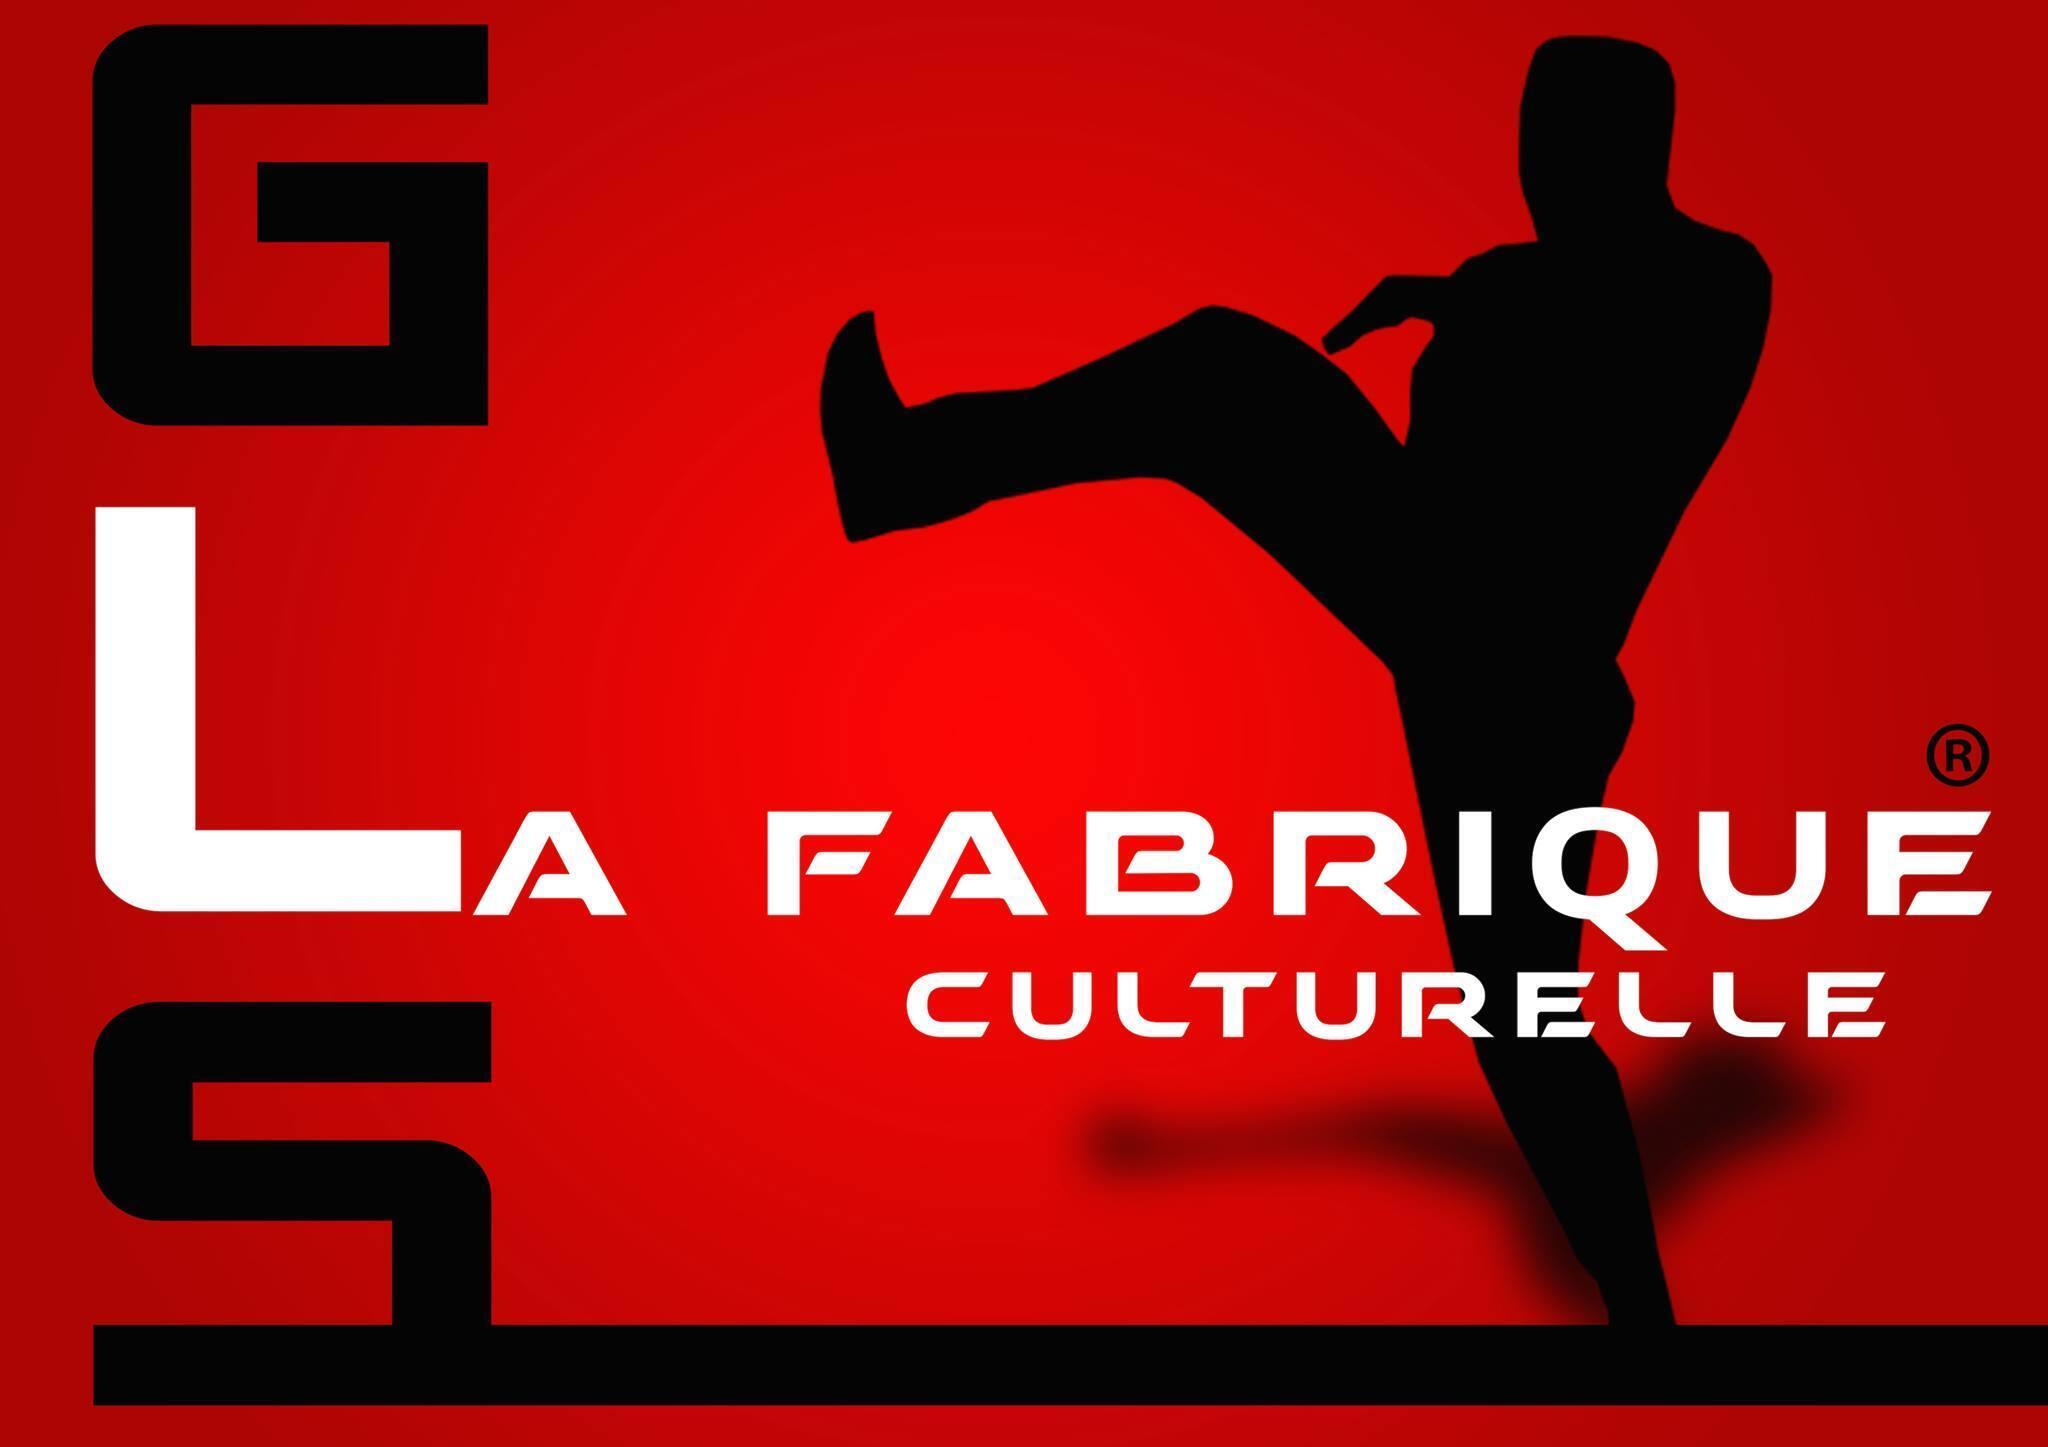 La Fabrique Culturelle, ouverte il y a un an à Abidjan, est tenue par une Franco-Ivoirienne.